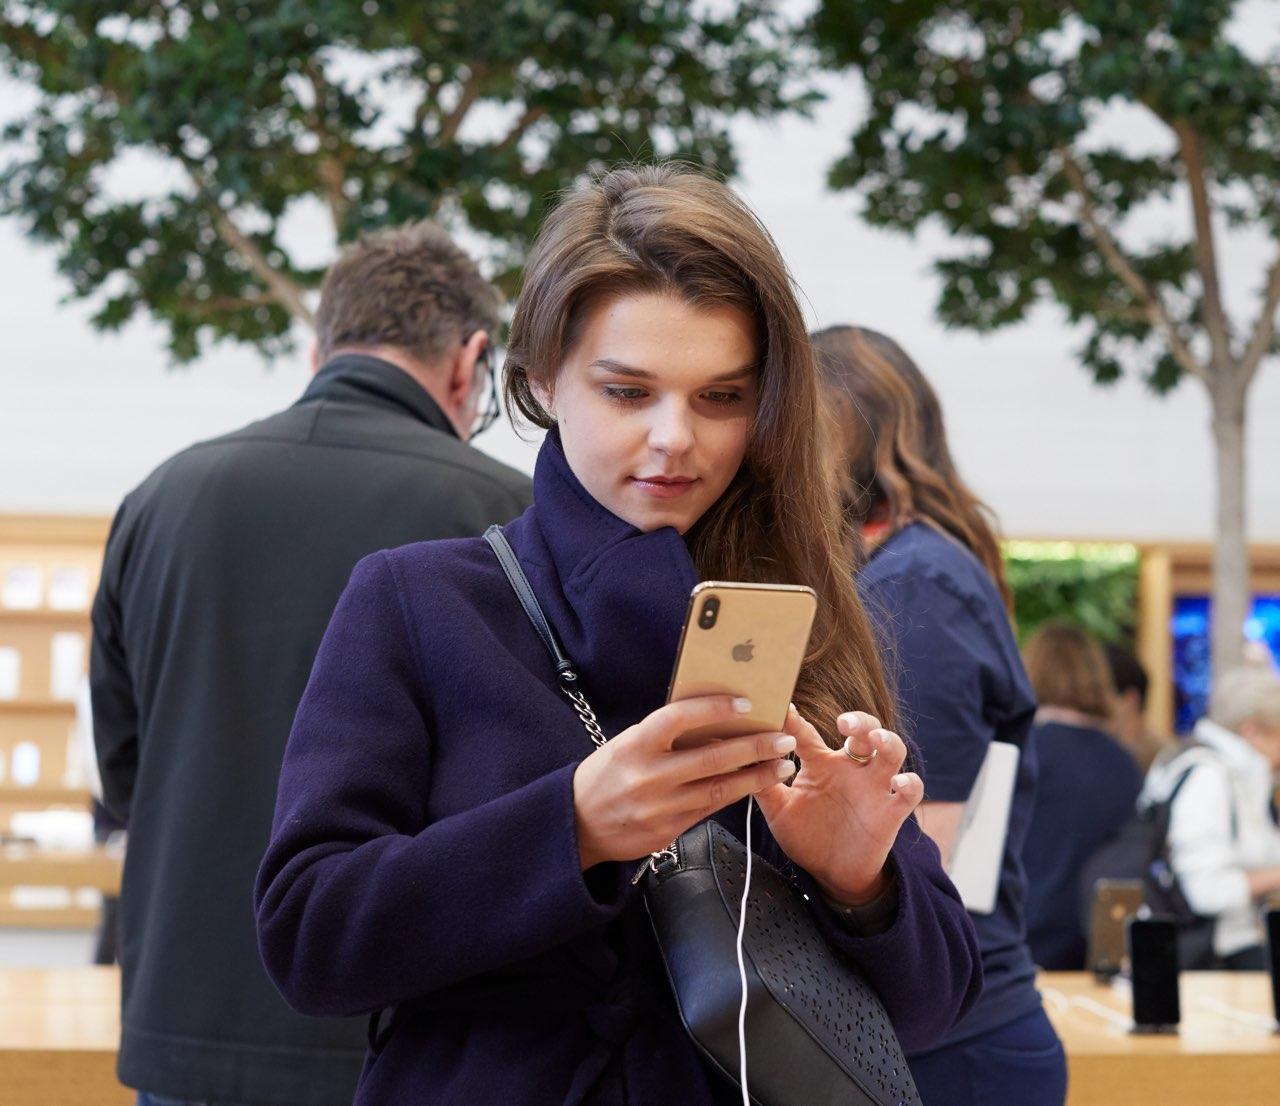 iPhone XS oplaadprobleem - iPhone XS launch in Londen